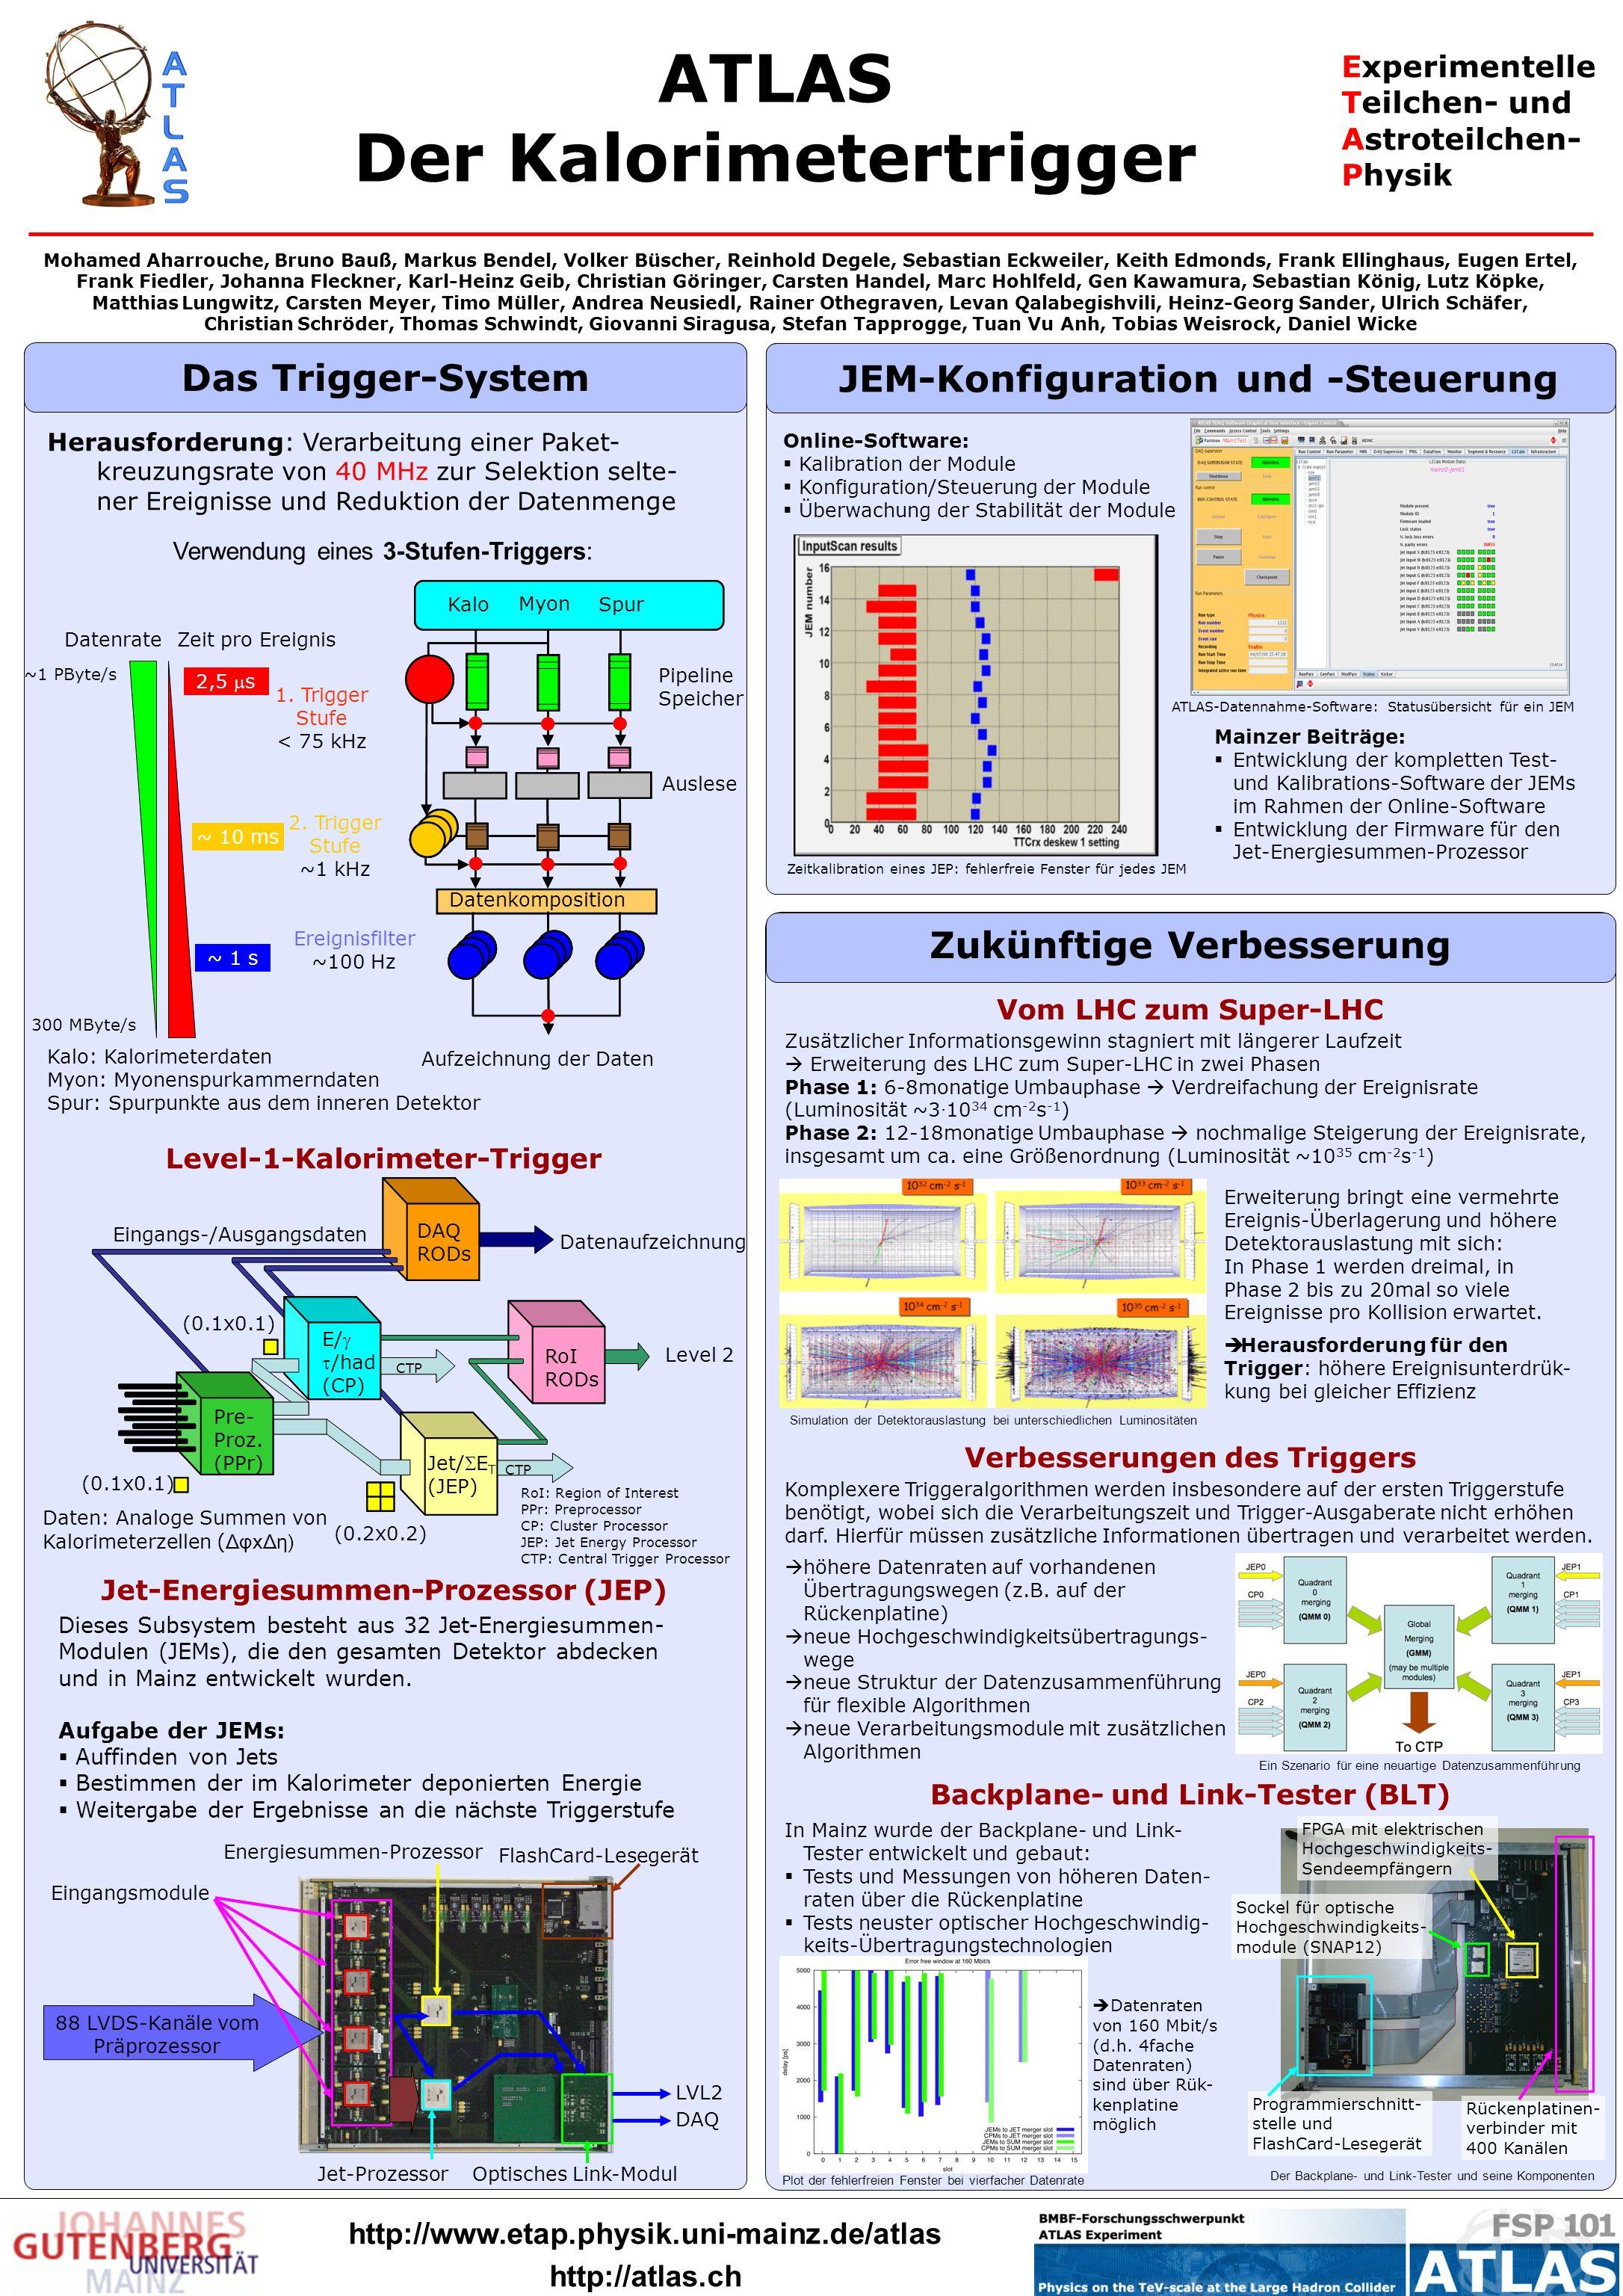 ATLAS Der Kalorimetertrigger Experimentelle Teilchen- und Astroteilchen- Physik http://www.etap.physik.uni-mainz.de/atlas http://atlas.ch Das Trigger-